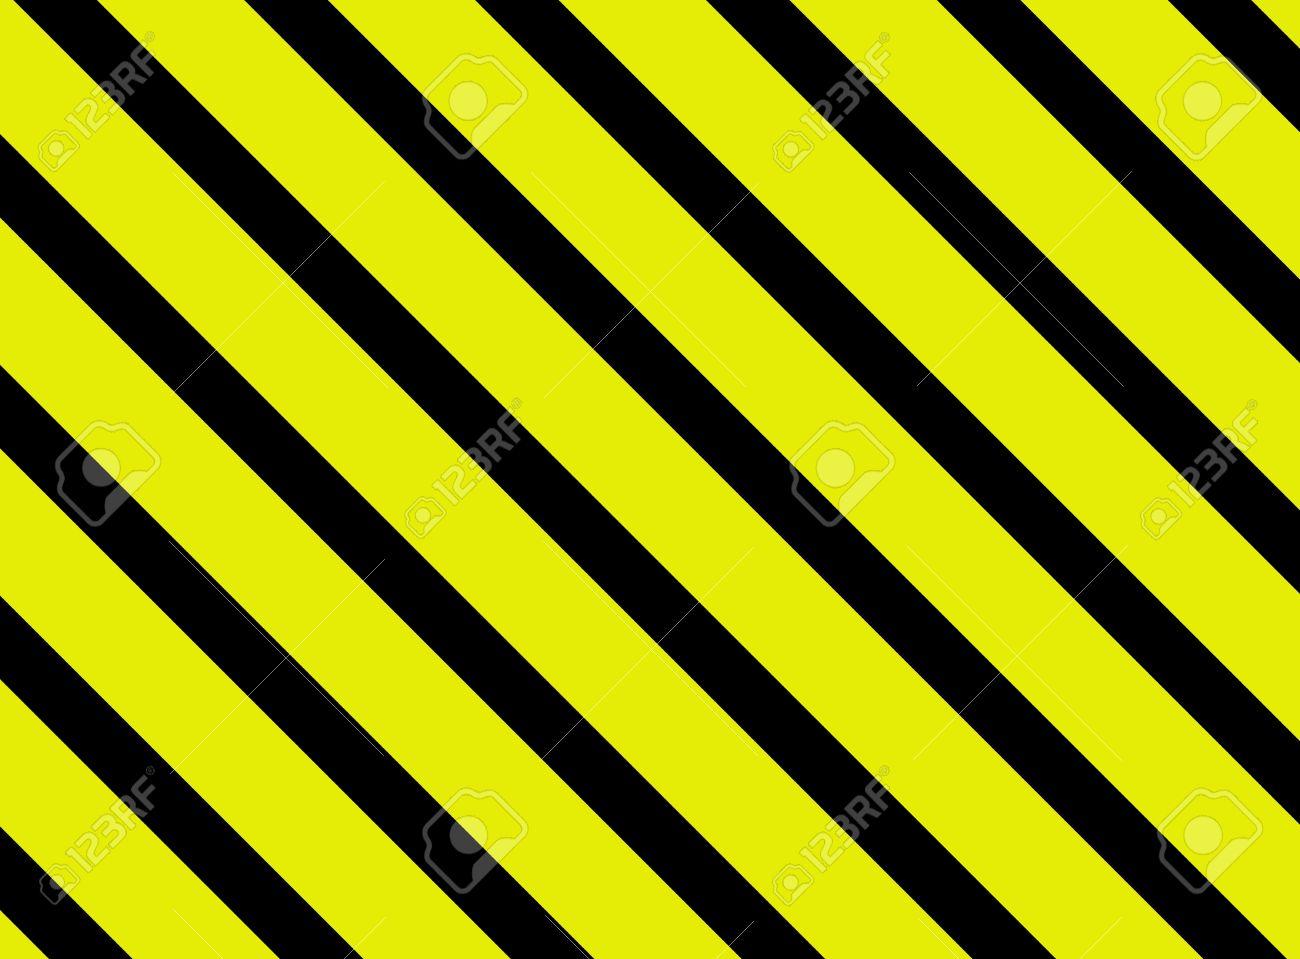 壁紙斜めストライプ イエロー ブラック の写真素材 画像素材 Image